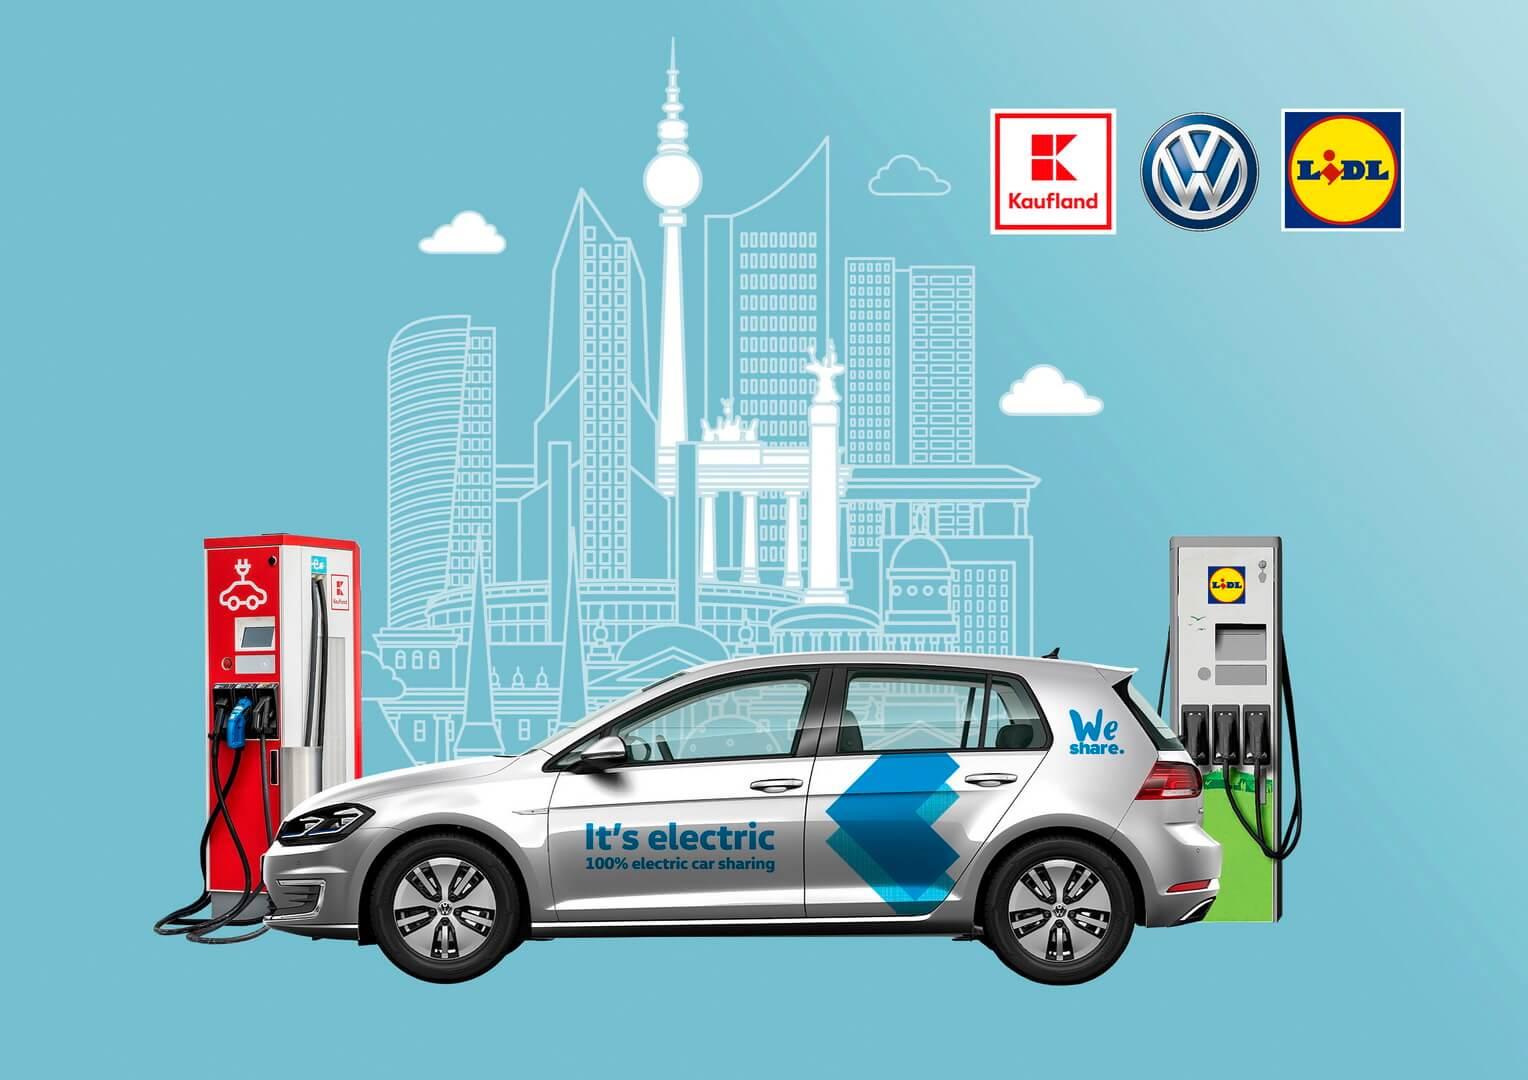 Volkswagen и Schwarz Group станут стратегическими партнерами по зарядной инфраструктуре